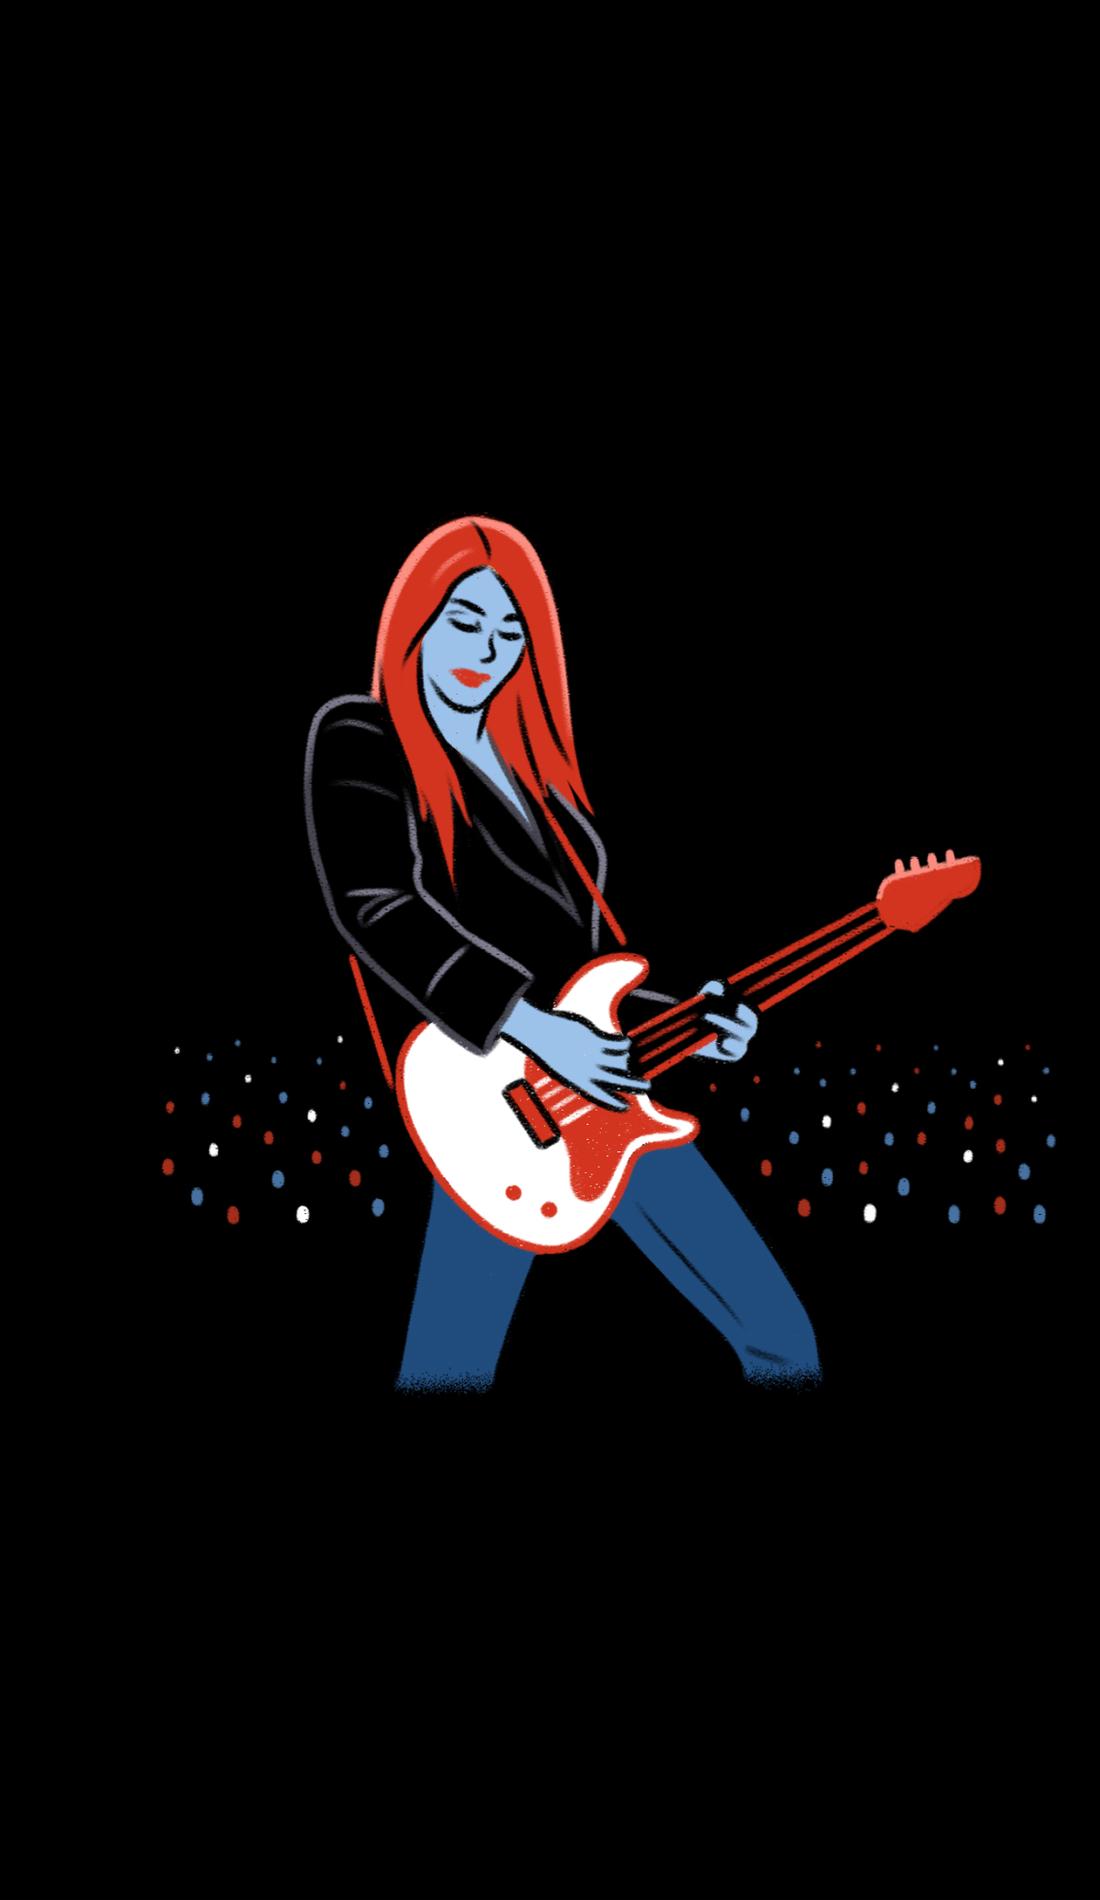 A RJ live event